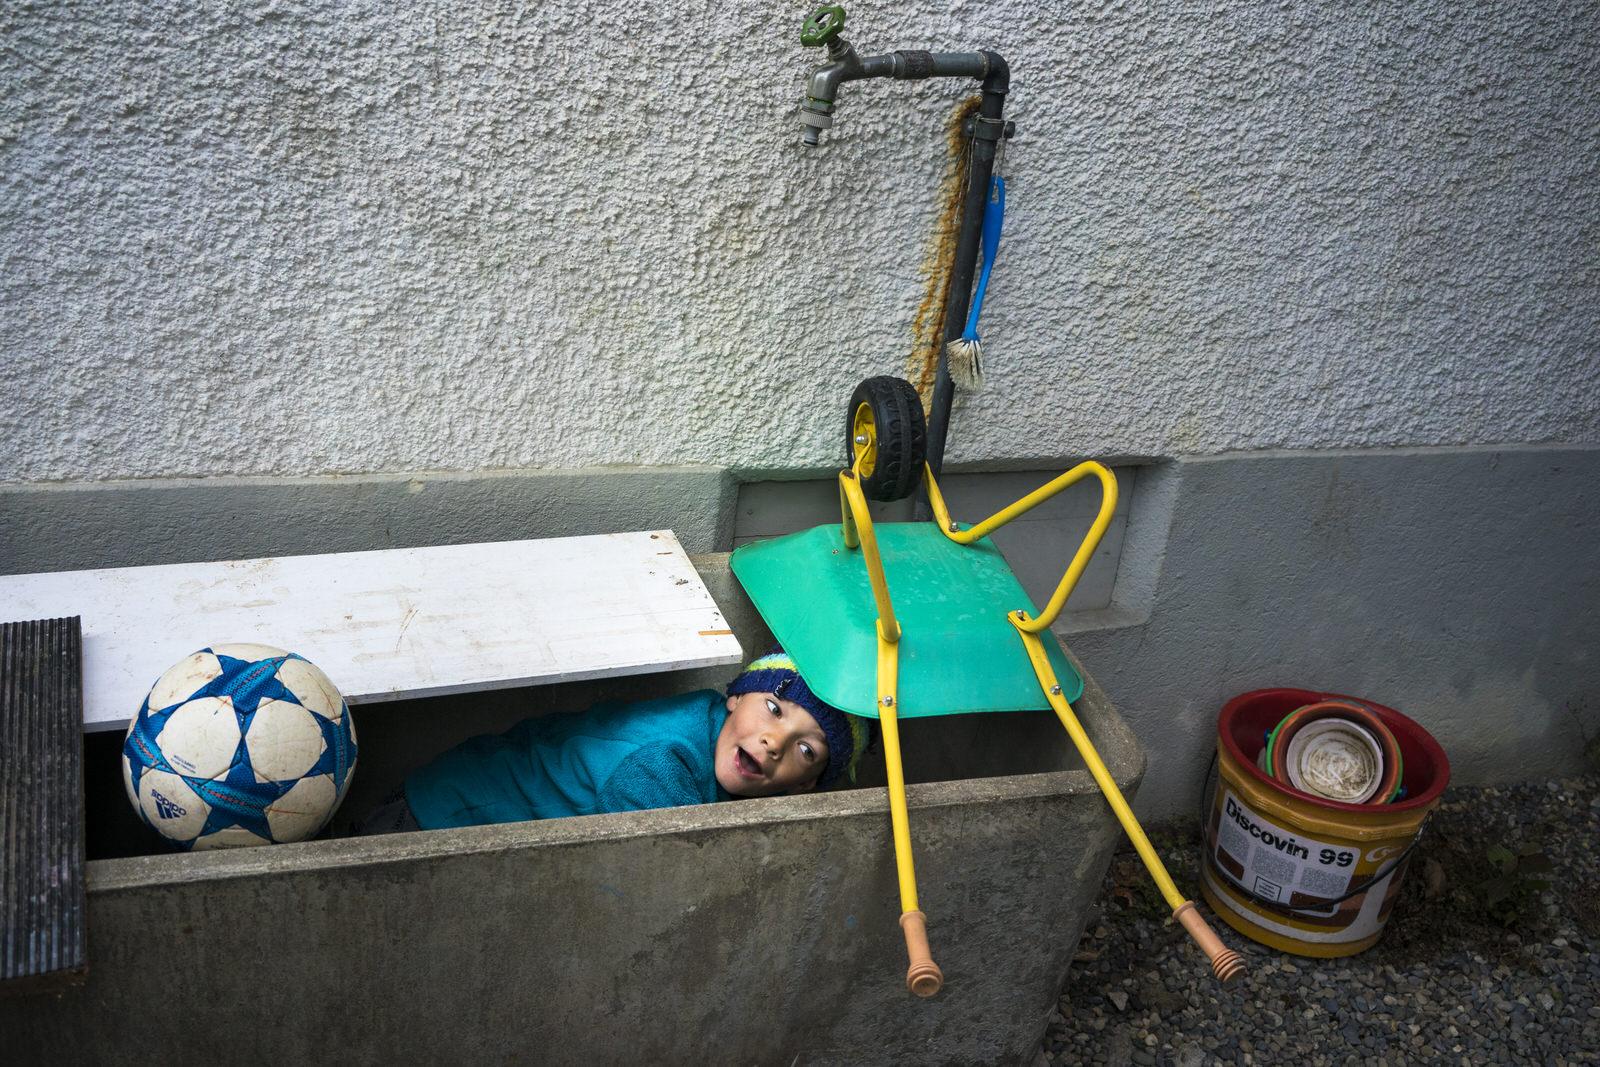 Kind im Brunnen - Familienfotografin unterwegs | Familienfotos draussen und drinnen